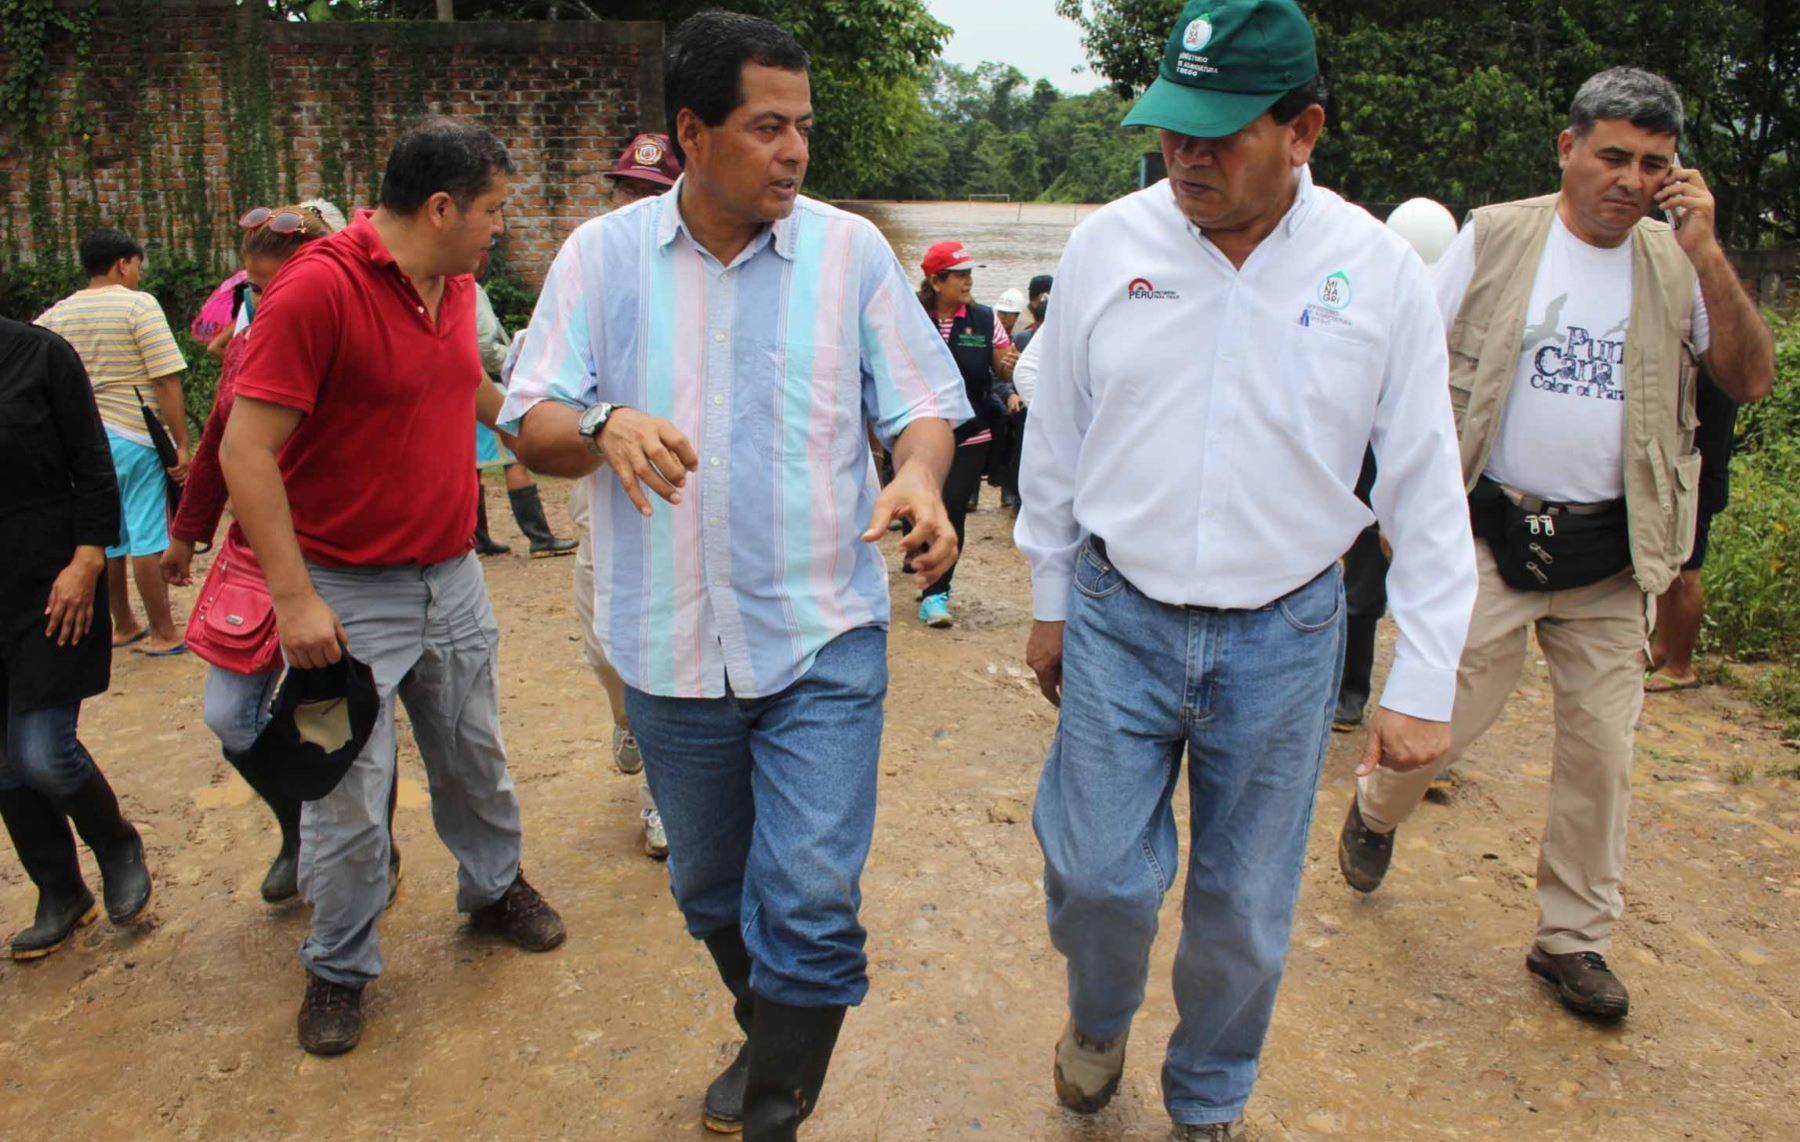 Viceministro del Minagri, Jorge Montenegro, coordinó ayuda para los afectados por el desborde del río Saposoa, en San Martín.